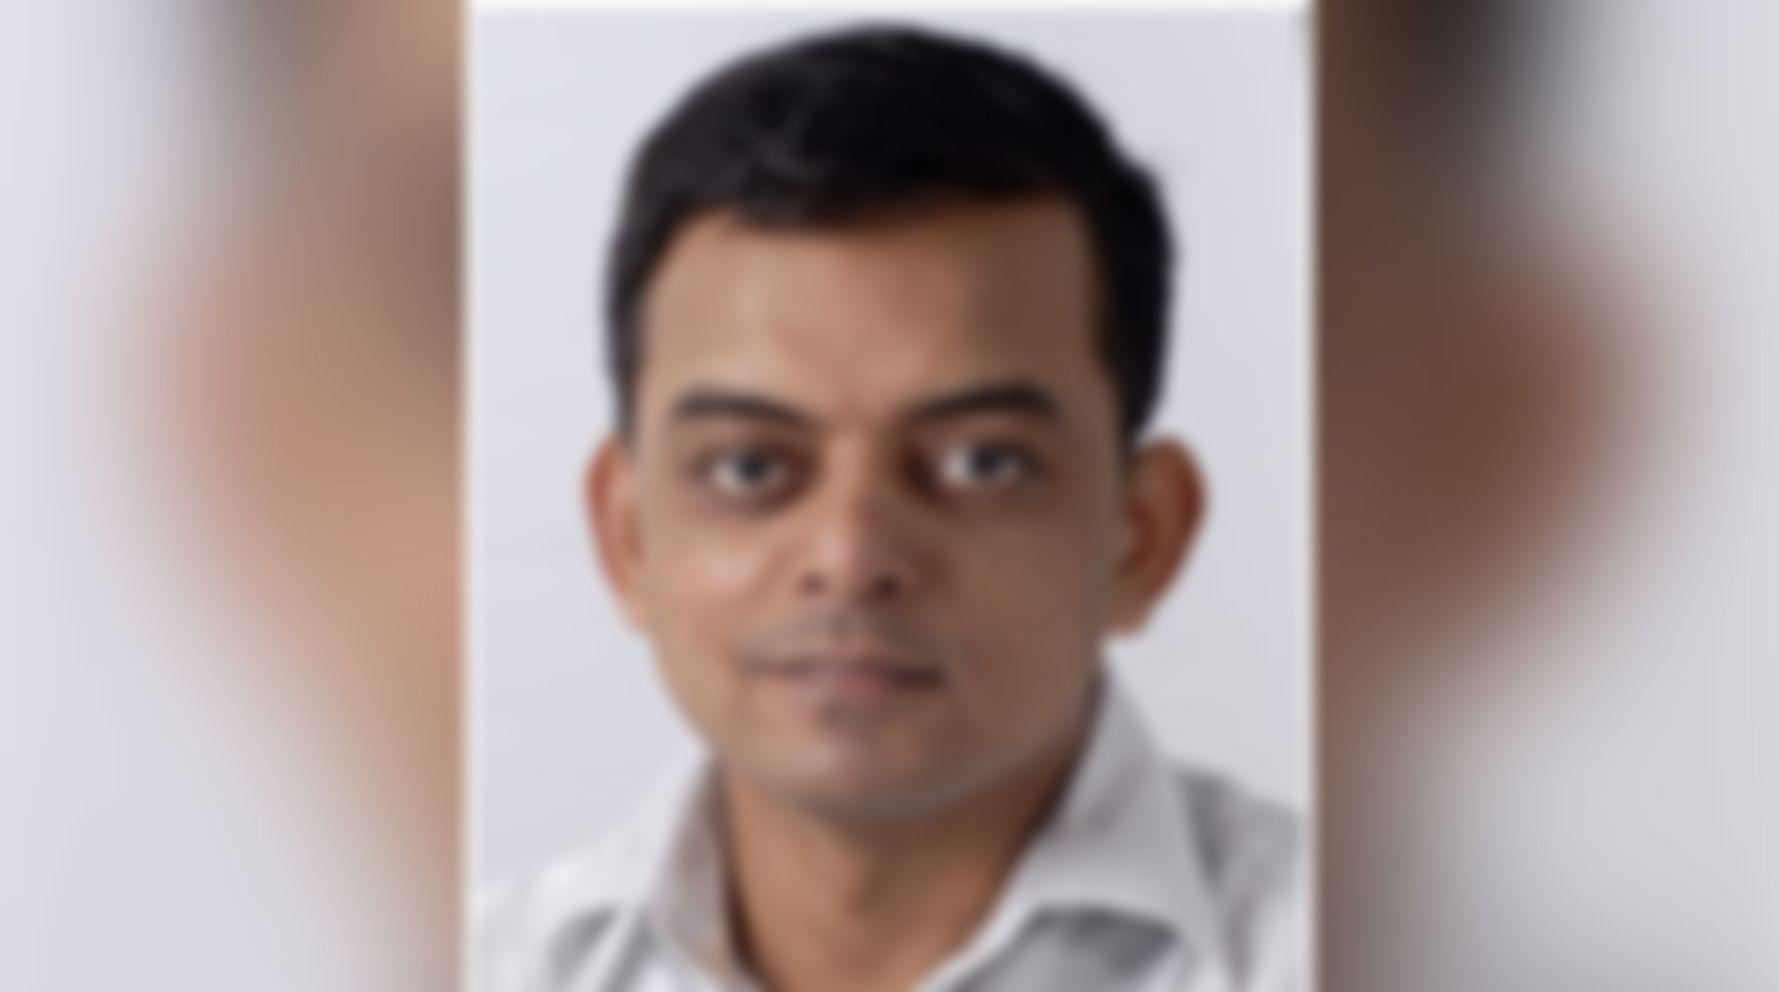 Anuraag Srivastava